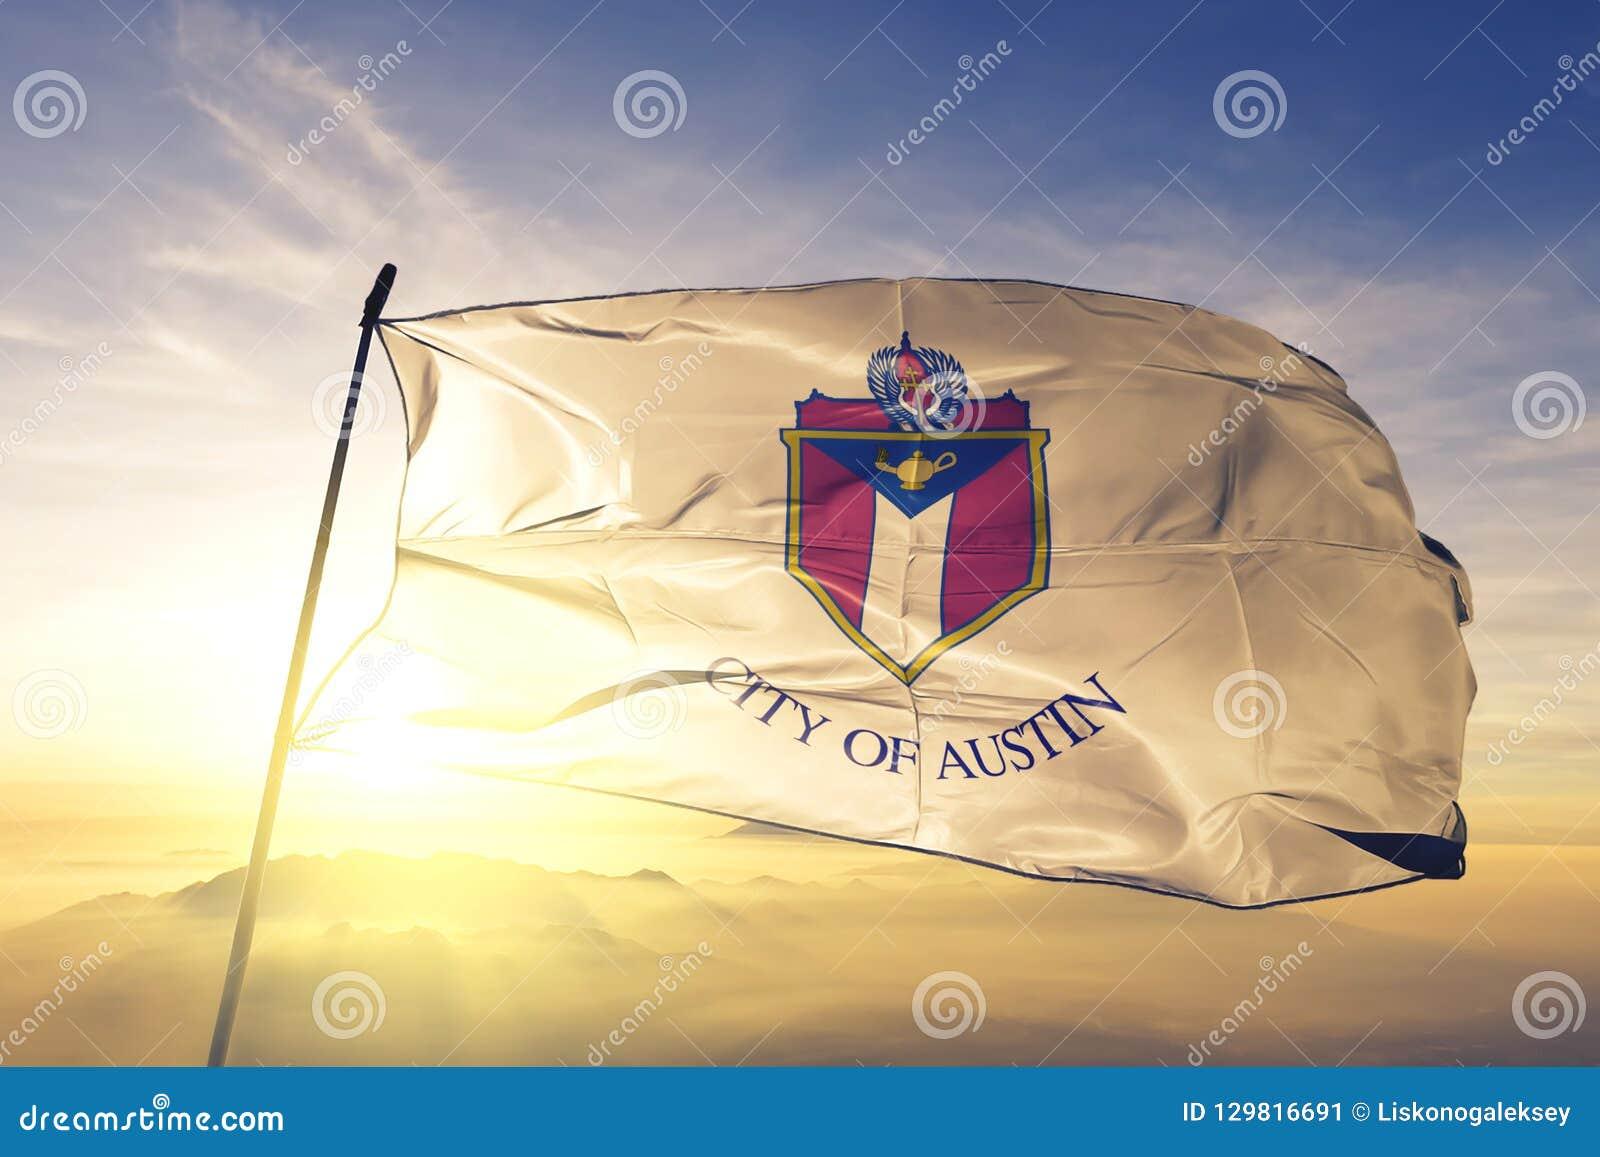 奥斯汀美国旗子纺织品挥动在顶面日出薄雾雾的布料织品得克萨斯的市首都